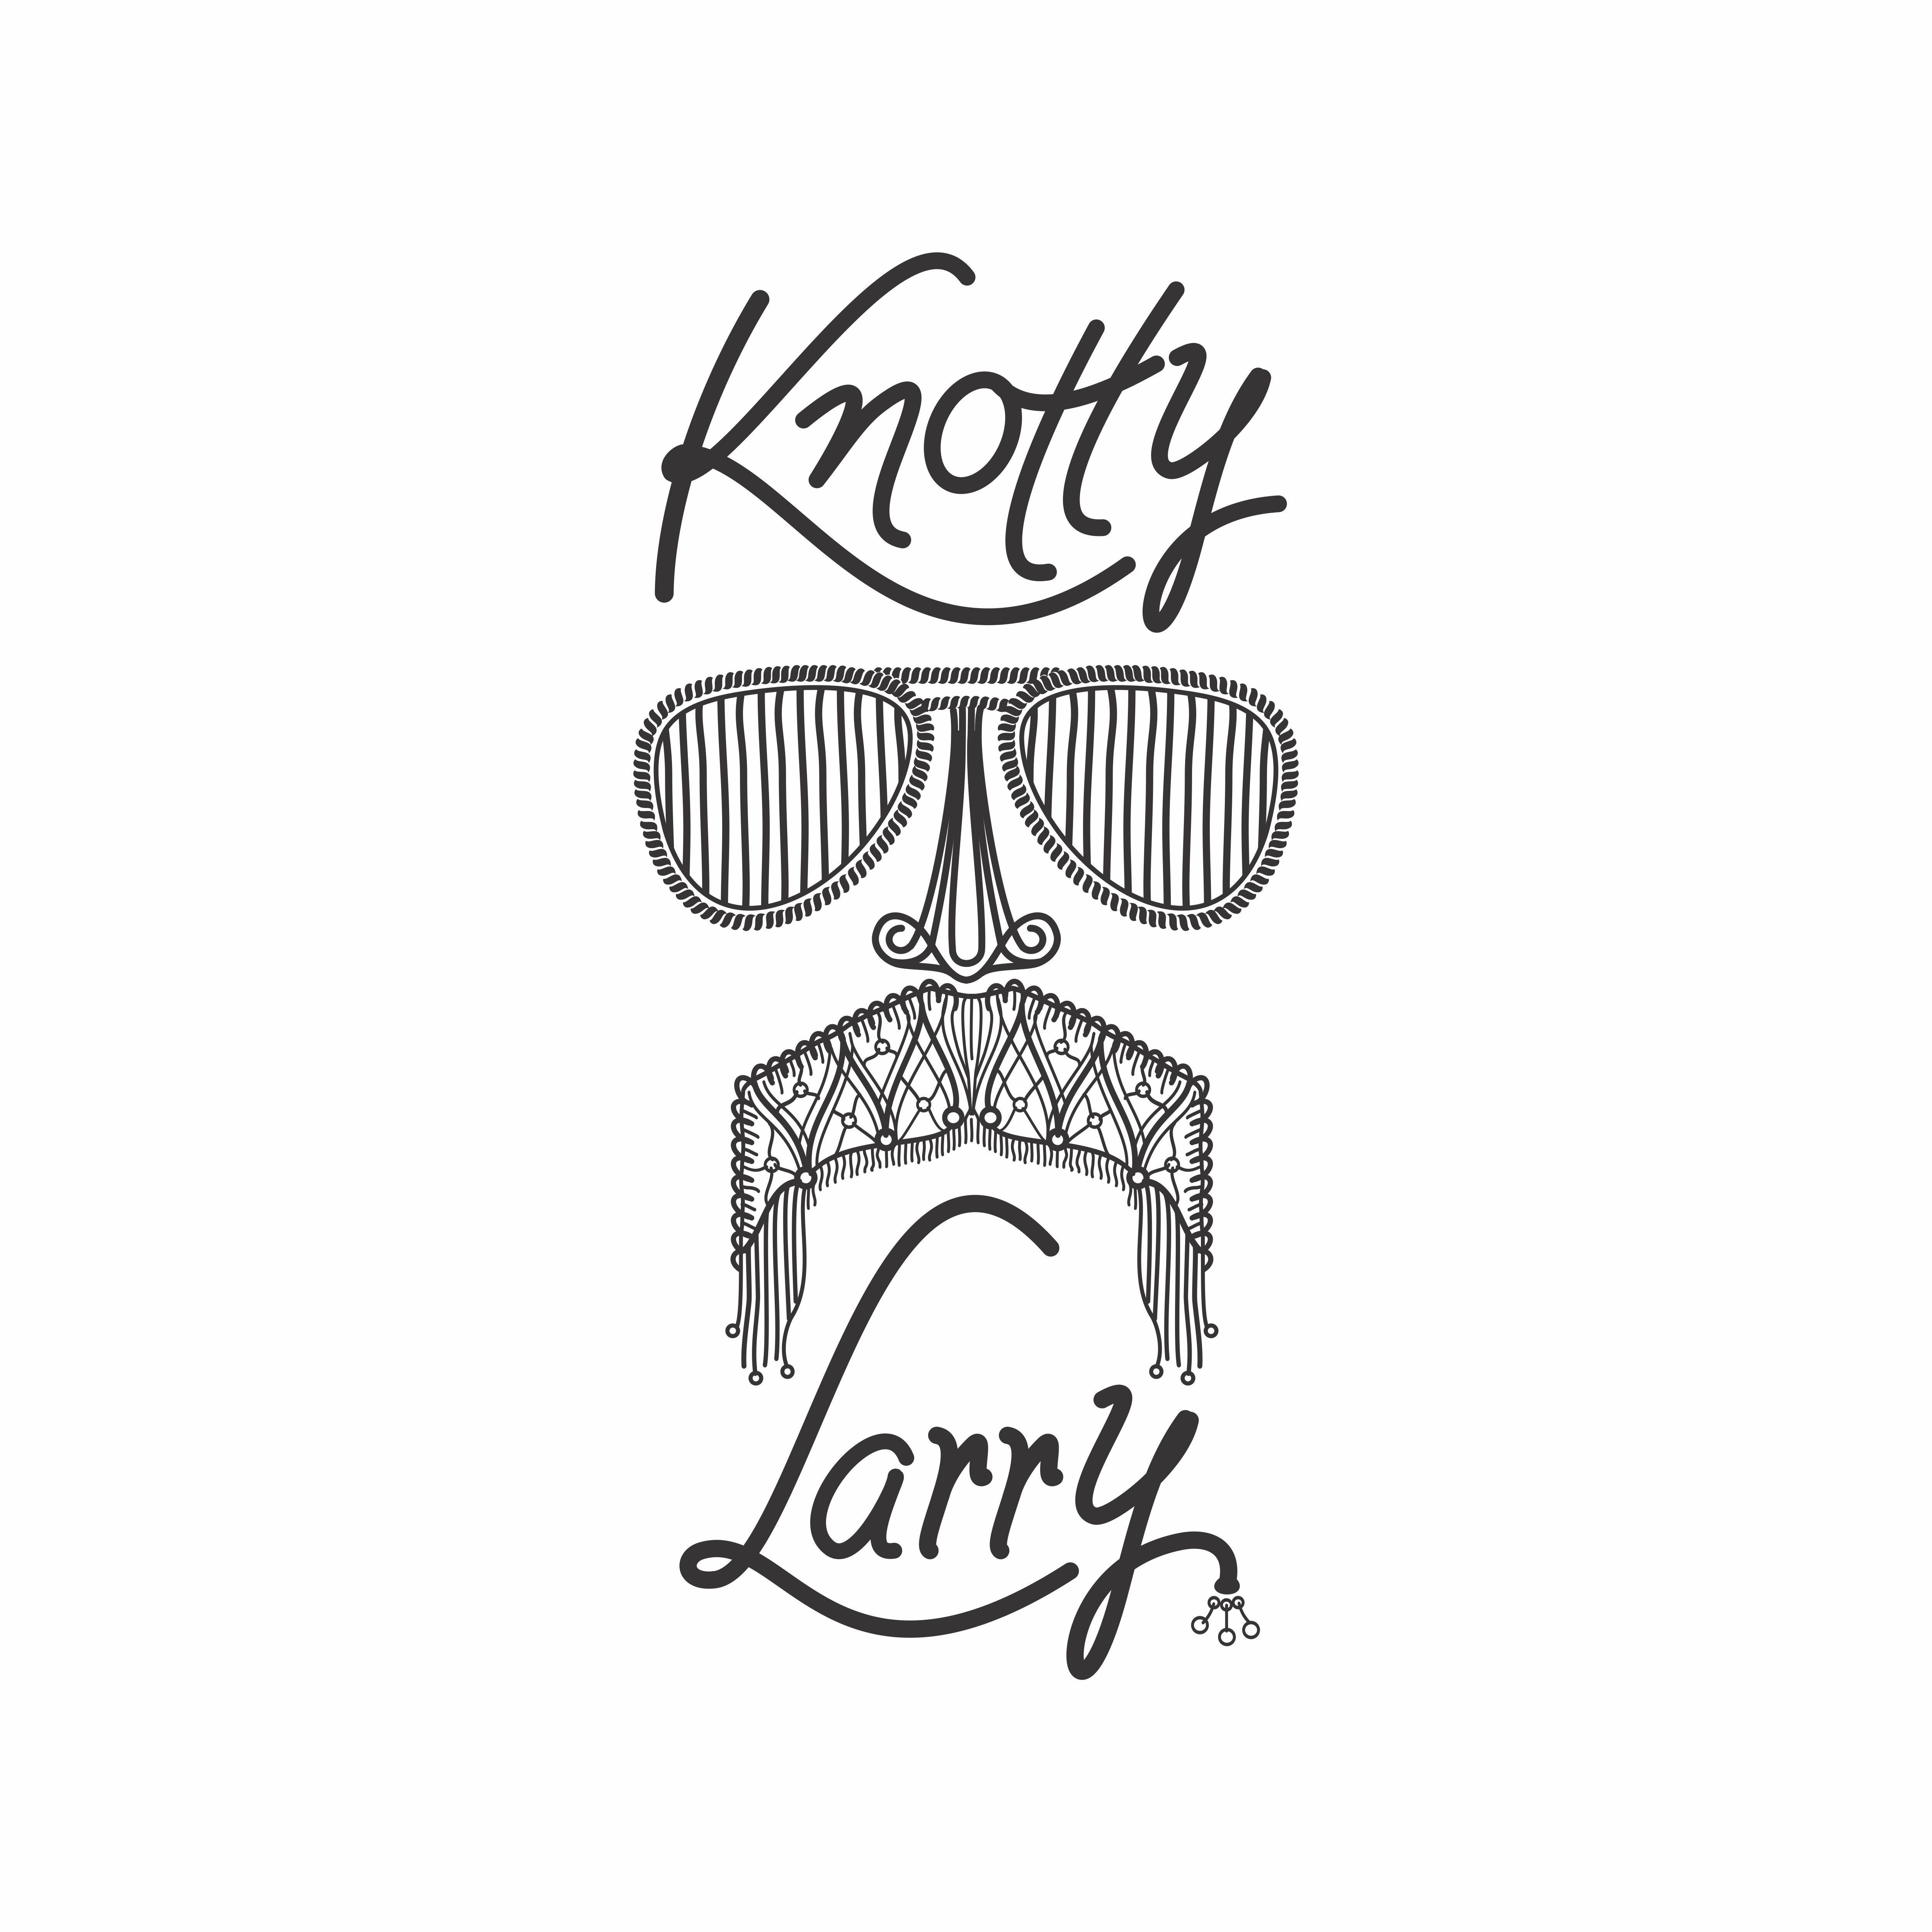 Mustache Needs Macrame Makeover - Knotty Larry